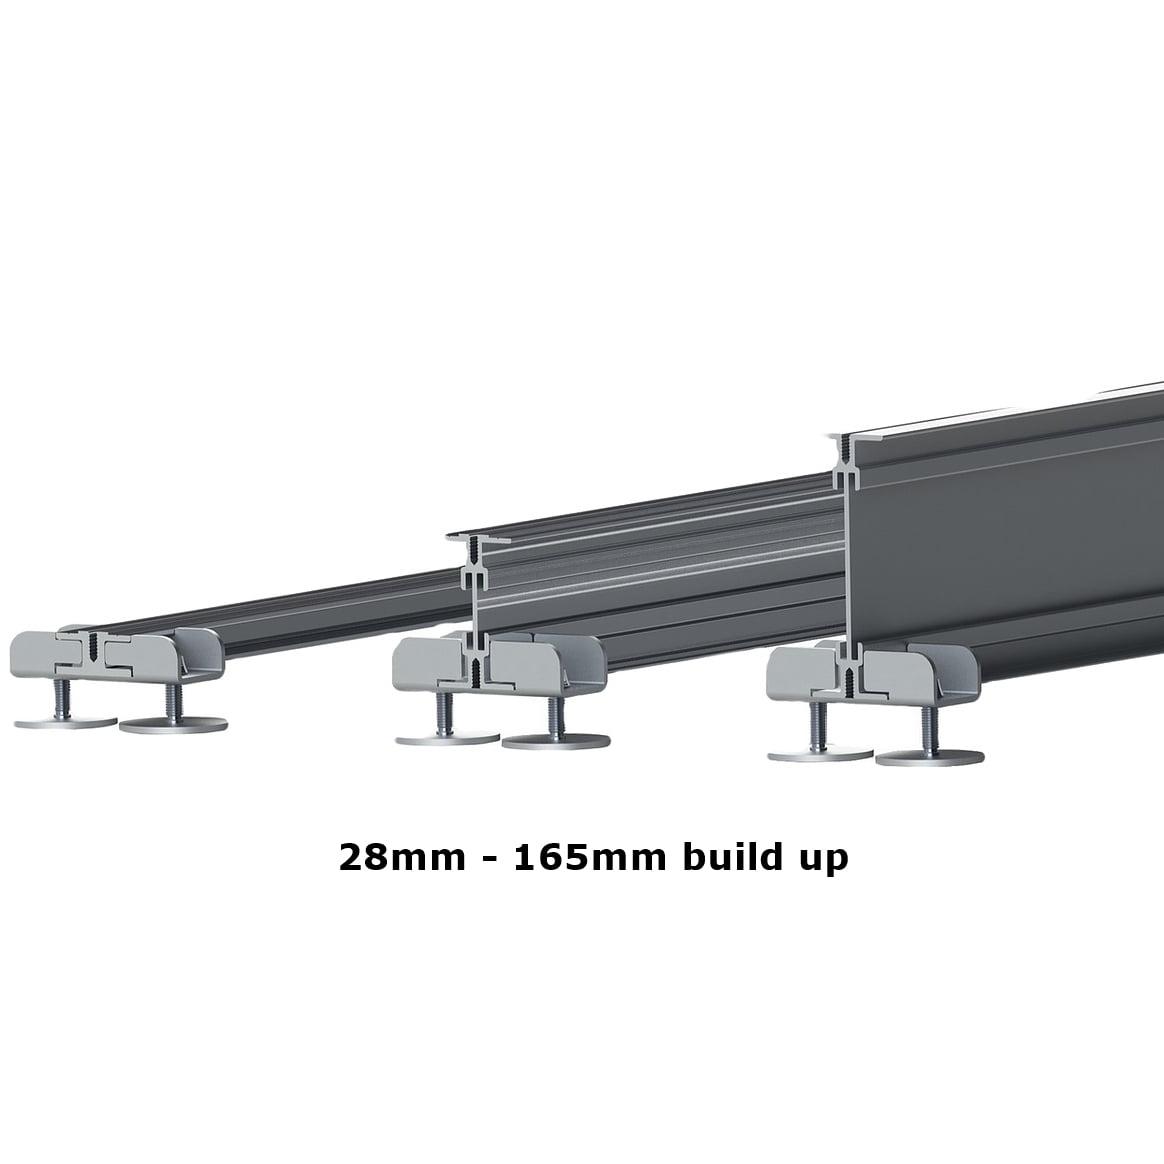 castle aluminium decking pedestals